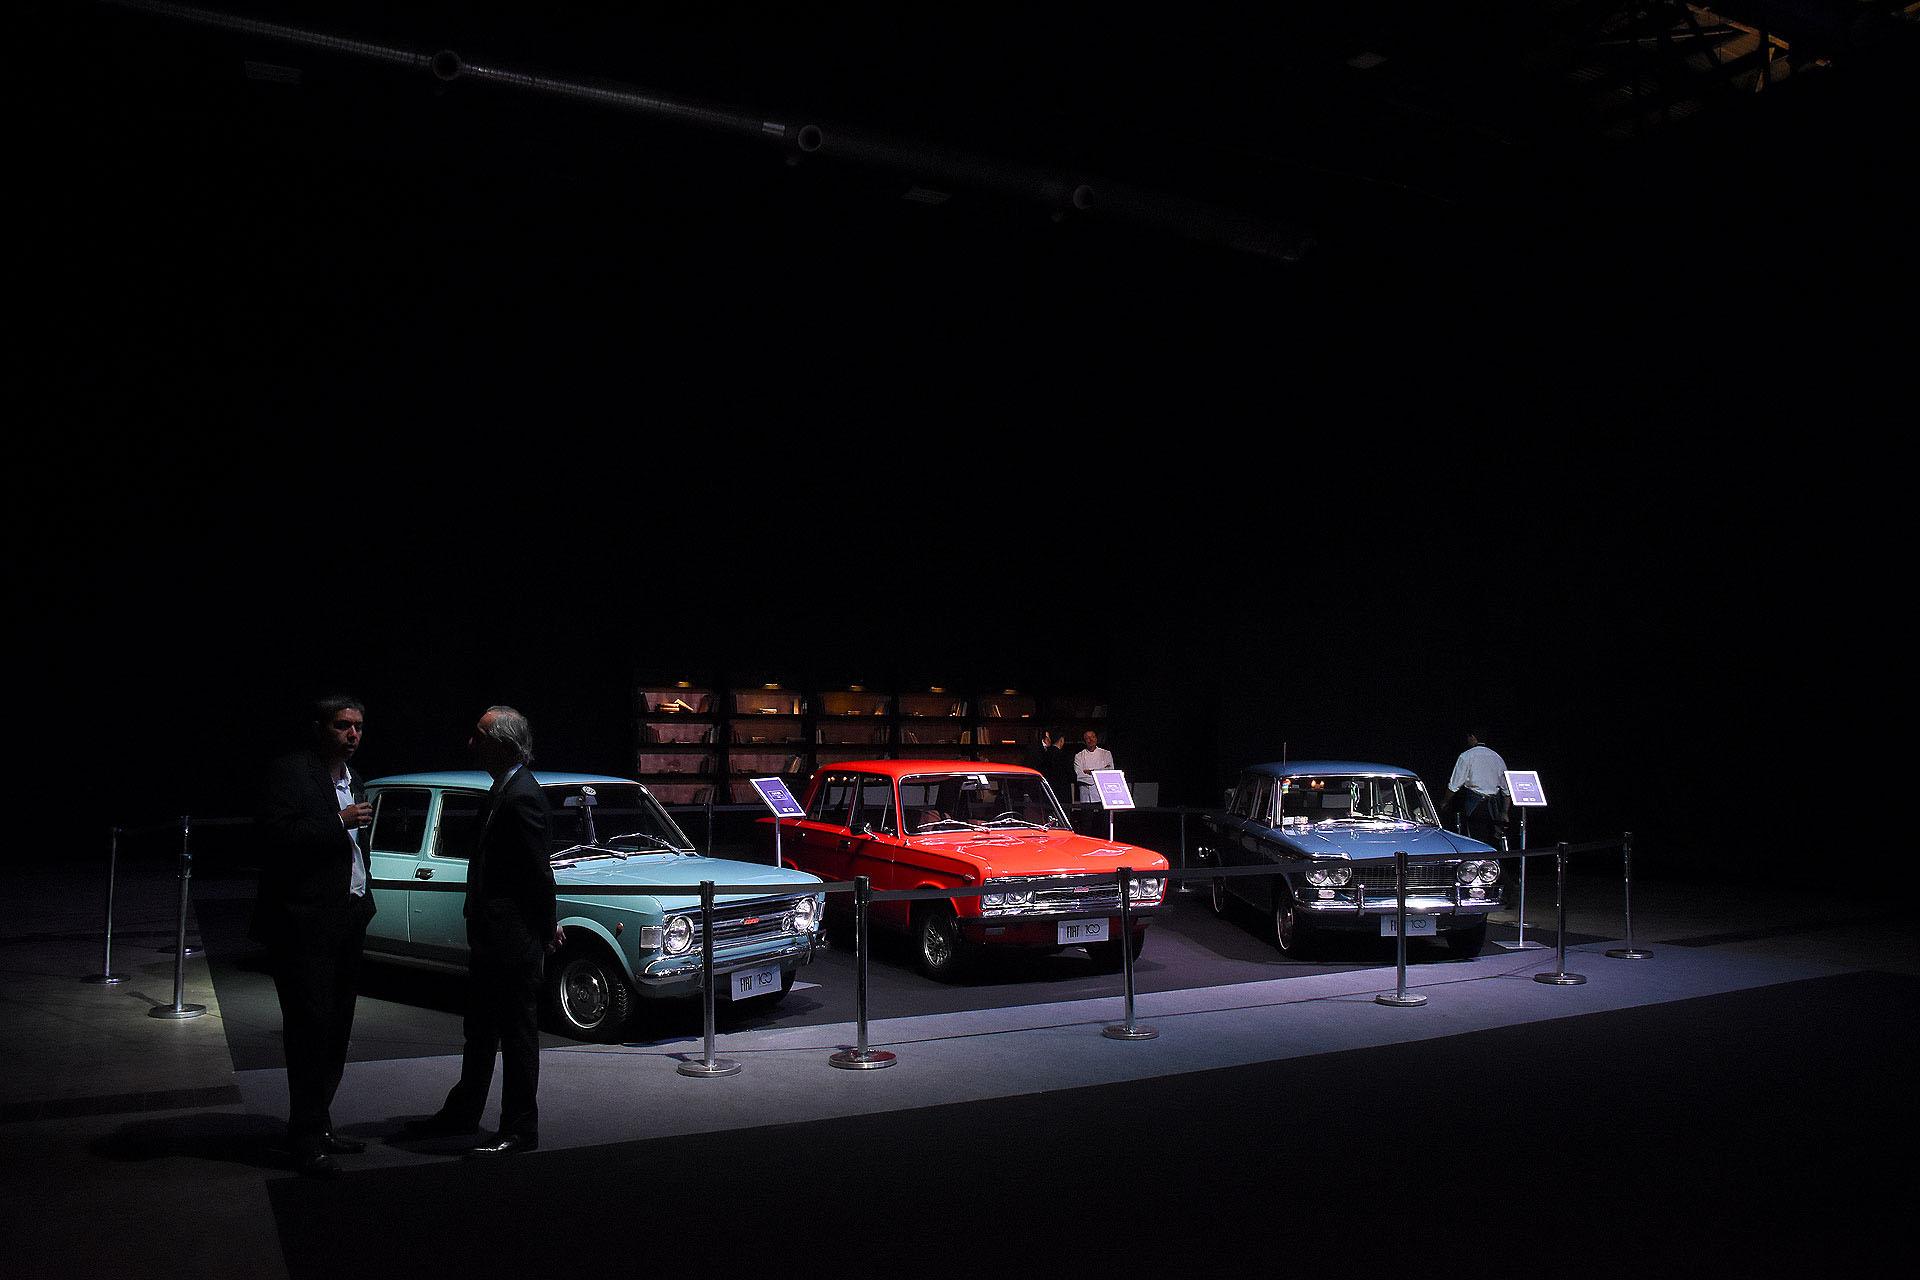 Más de 400 invitados participaron de un cóctel previo, rodeados de autos históricos y actuales de la marca, y un concept, el Fïat Fastback, que resaltaron la evolución de la industria en el país. Entre los modelos exhibidos se destacaban el Fiat Victoria de 1903; los fabricados en 1938, como el Fiat 1500 Berlina, los que circulan por las calles en nuestros días, y el Fiat Fastback, un adelanto del futuro SUV de la marca